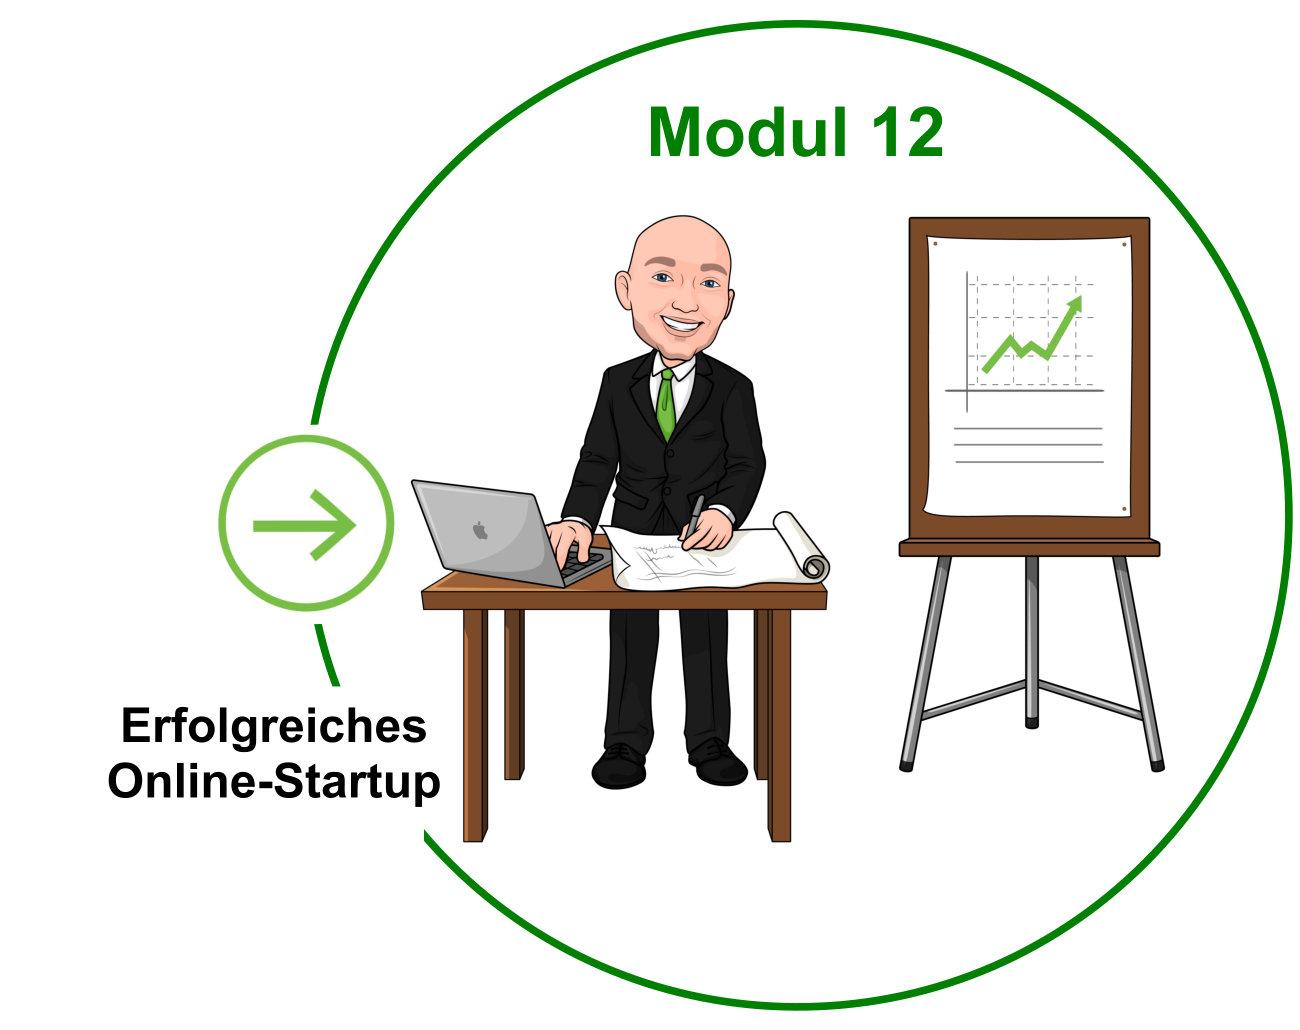 Modul 12 - Erfolgreiches Online-Startup